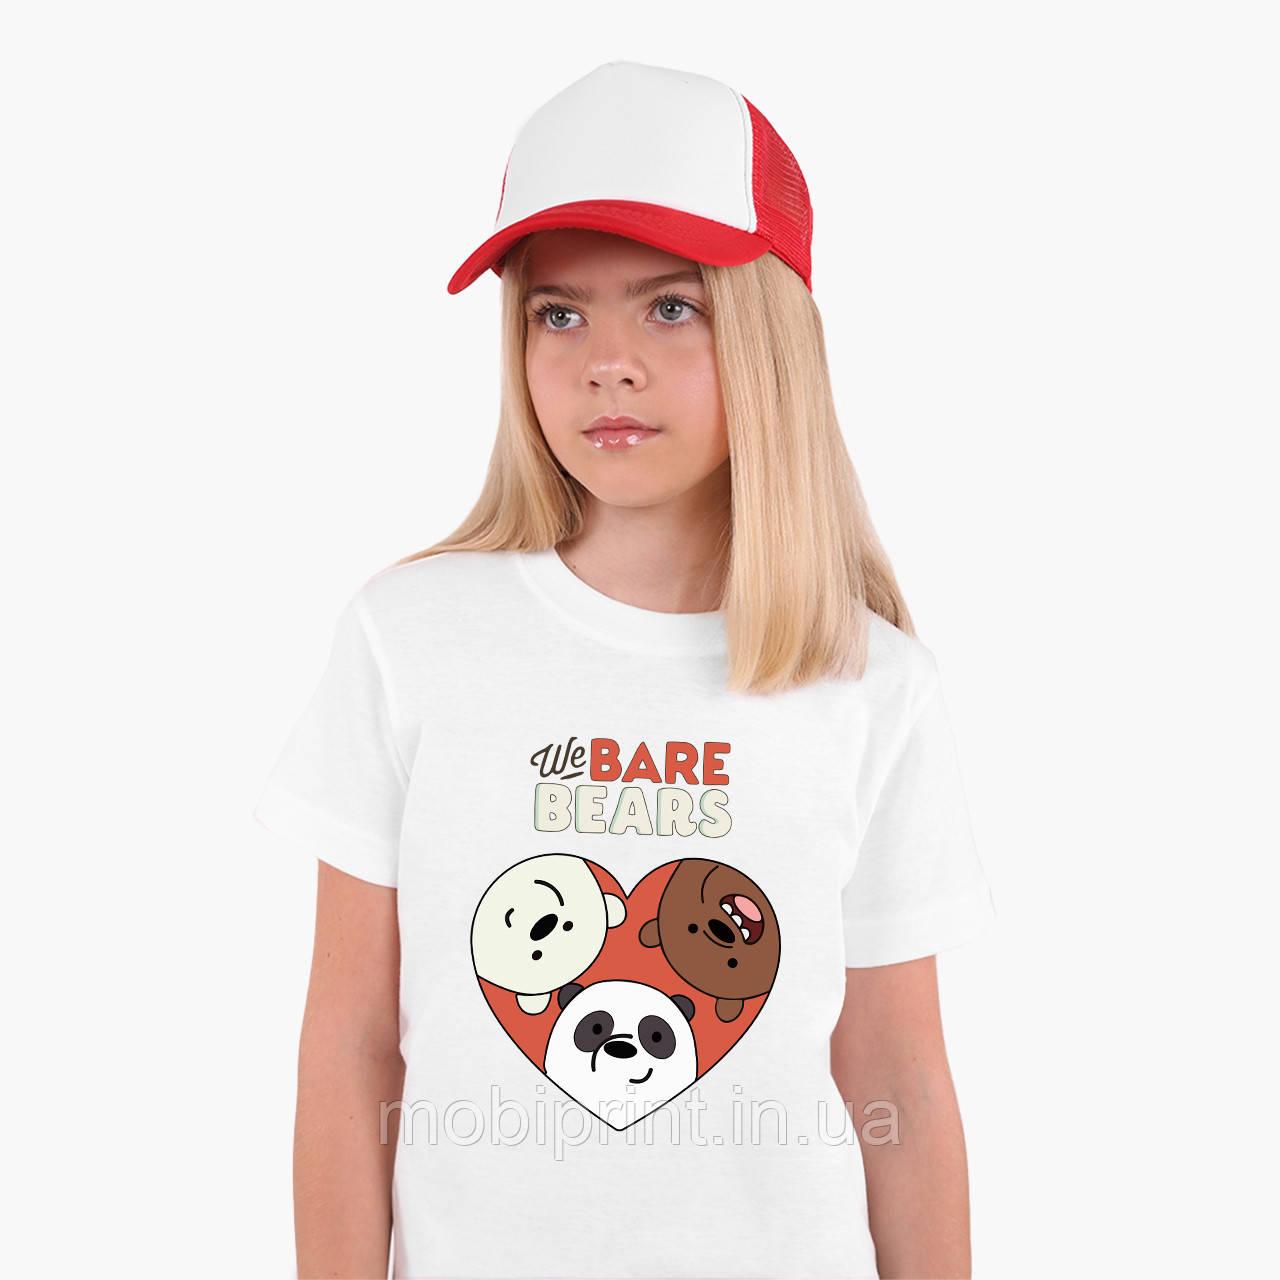 Футболка детская Вся правда о медведях (We Bare Bears) Белый (9224-2669)